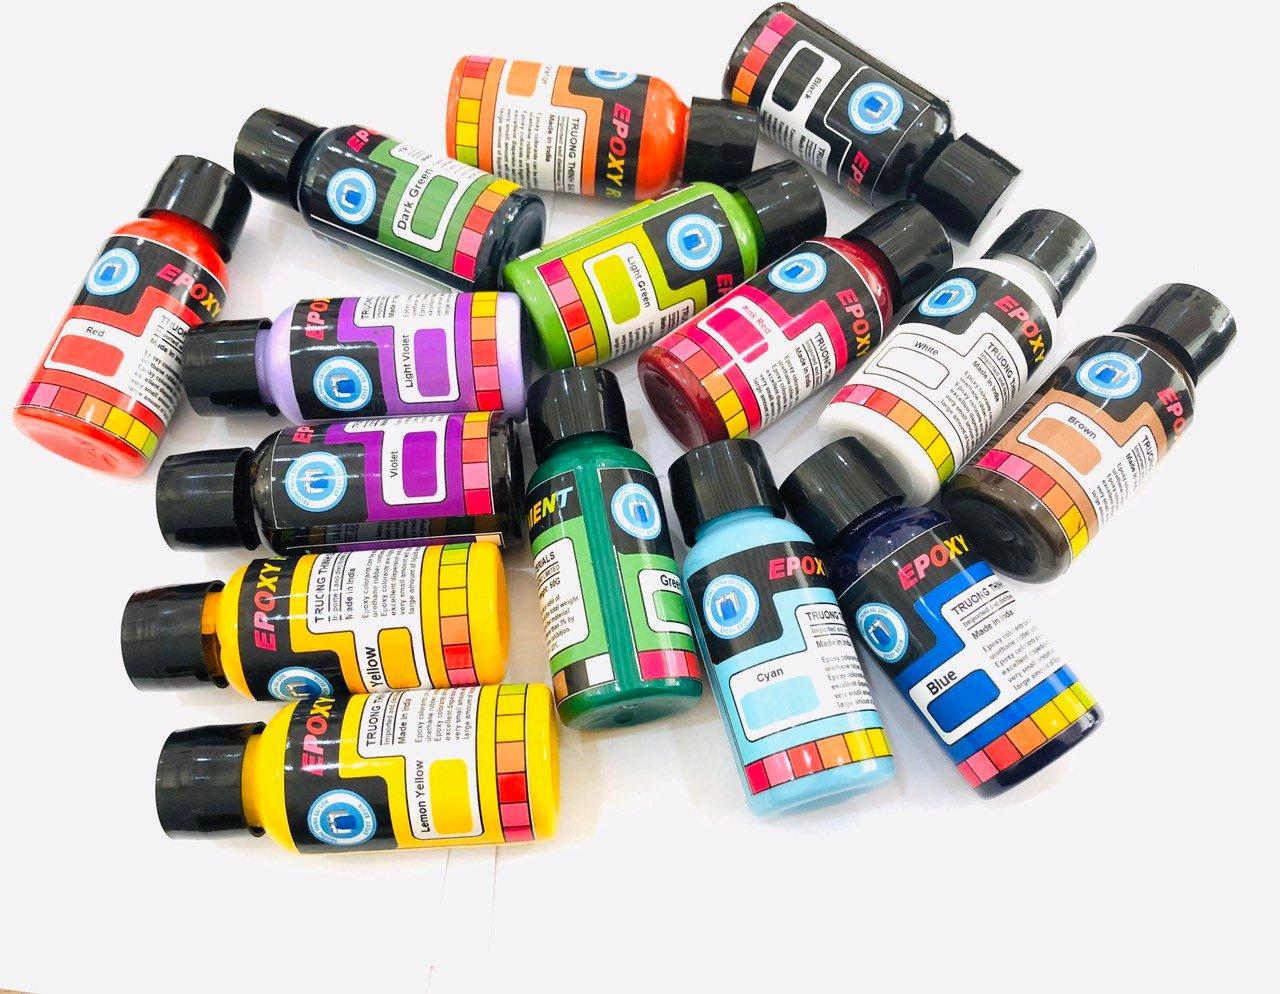 Acrylic resin có nhiều ứng dụng trong thực tế